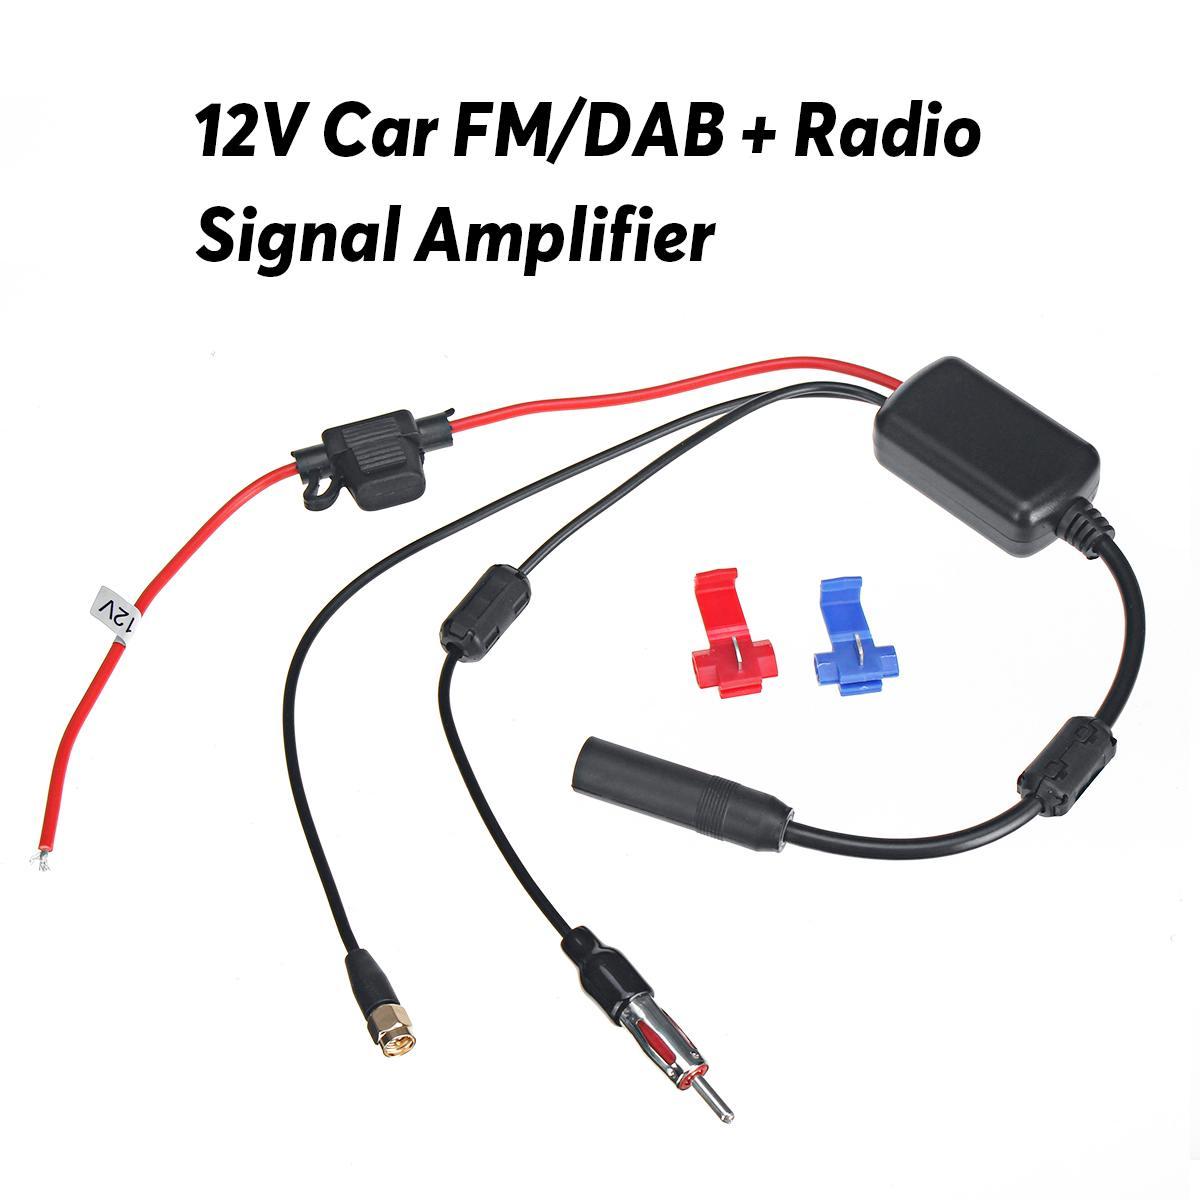 Universal DAB + FM Antena de coche, Cable divisor aéreo, amplificador de señal de Radio Digital 88-108MHZ 170-240MHZ